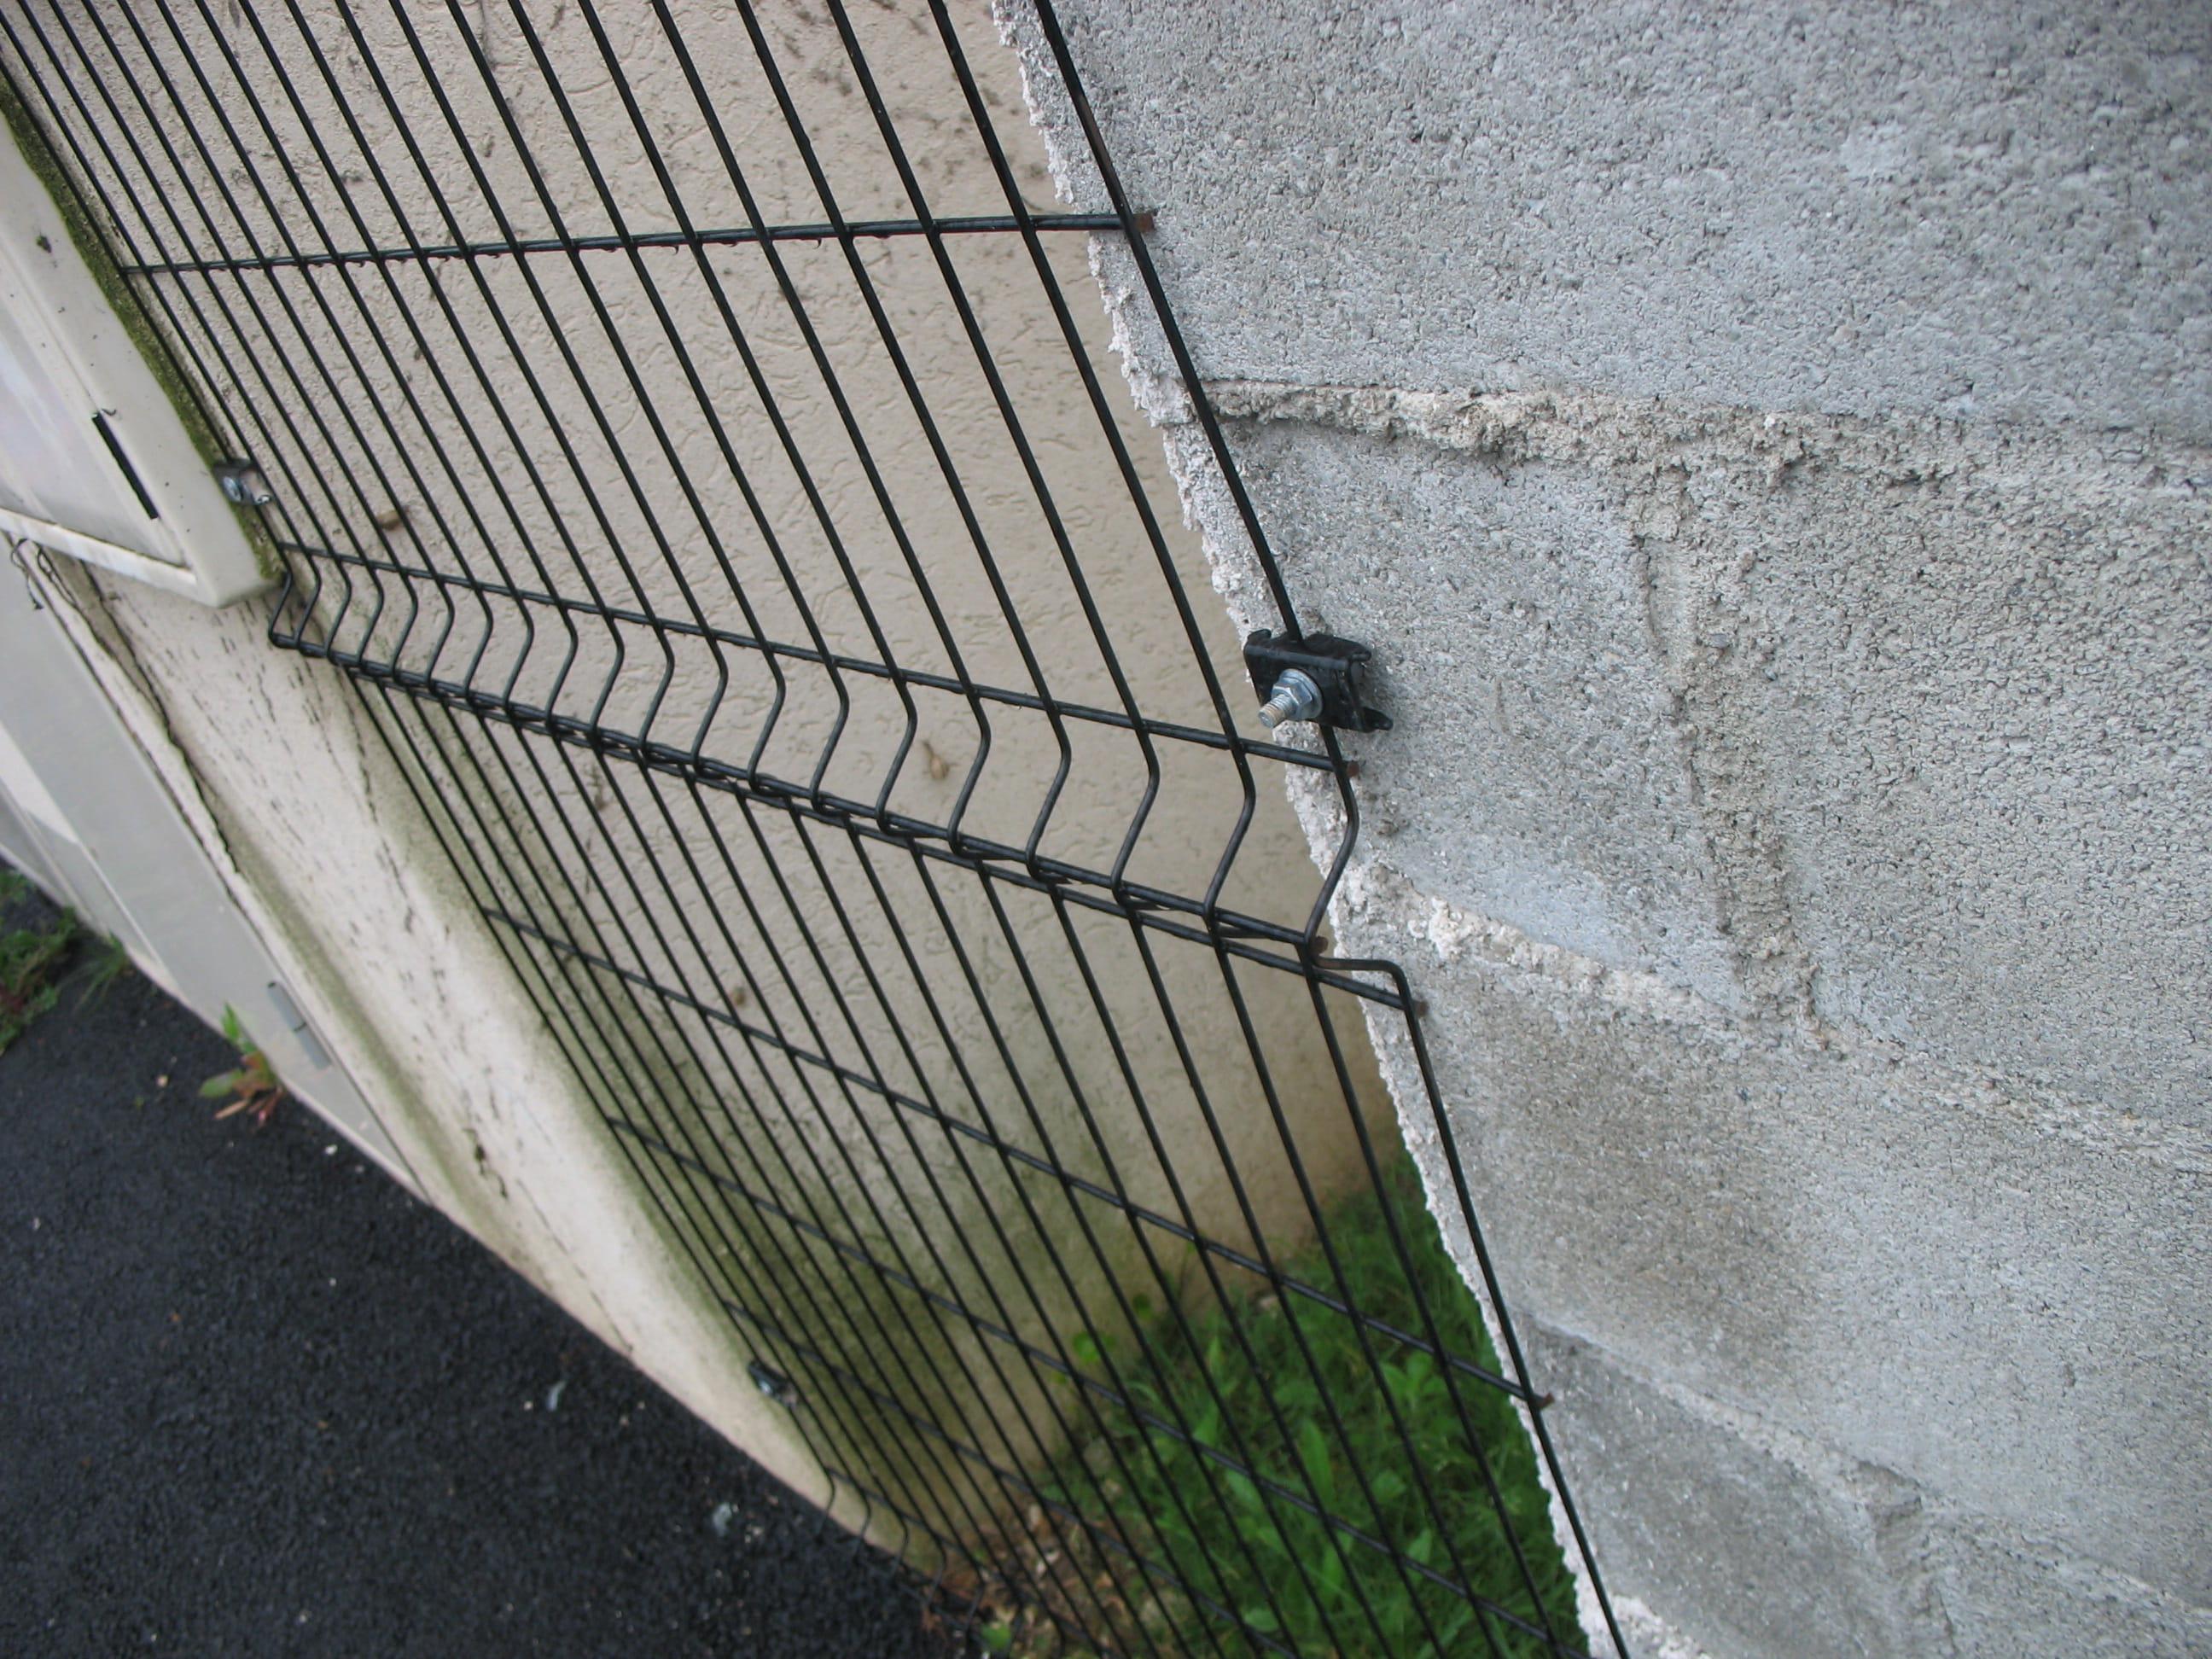 Rehausser Une Cloture Grillagée pose grillage soudes sur pilier beton - linternaute